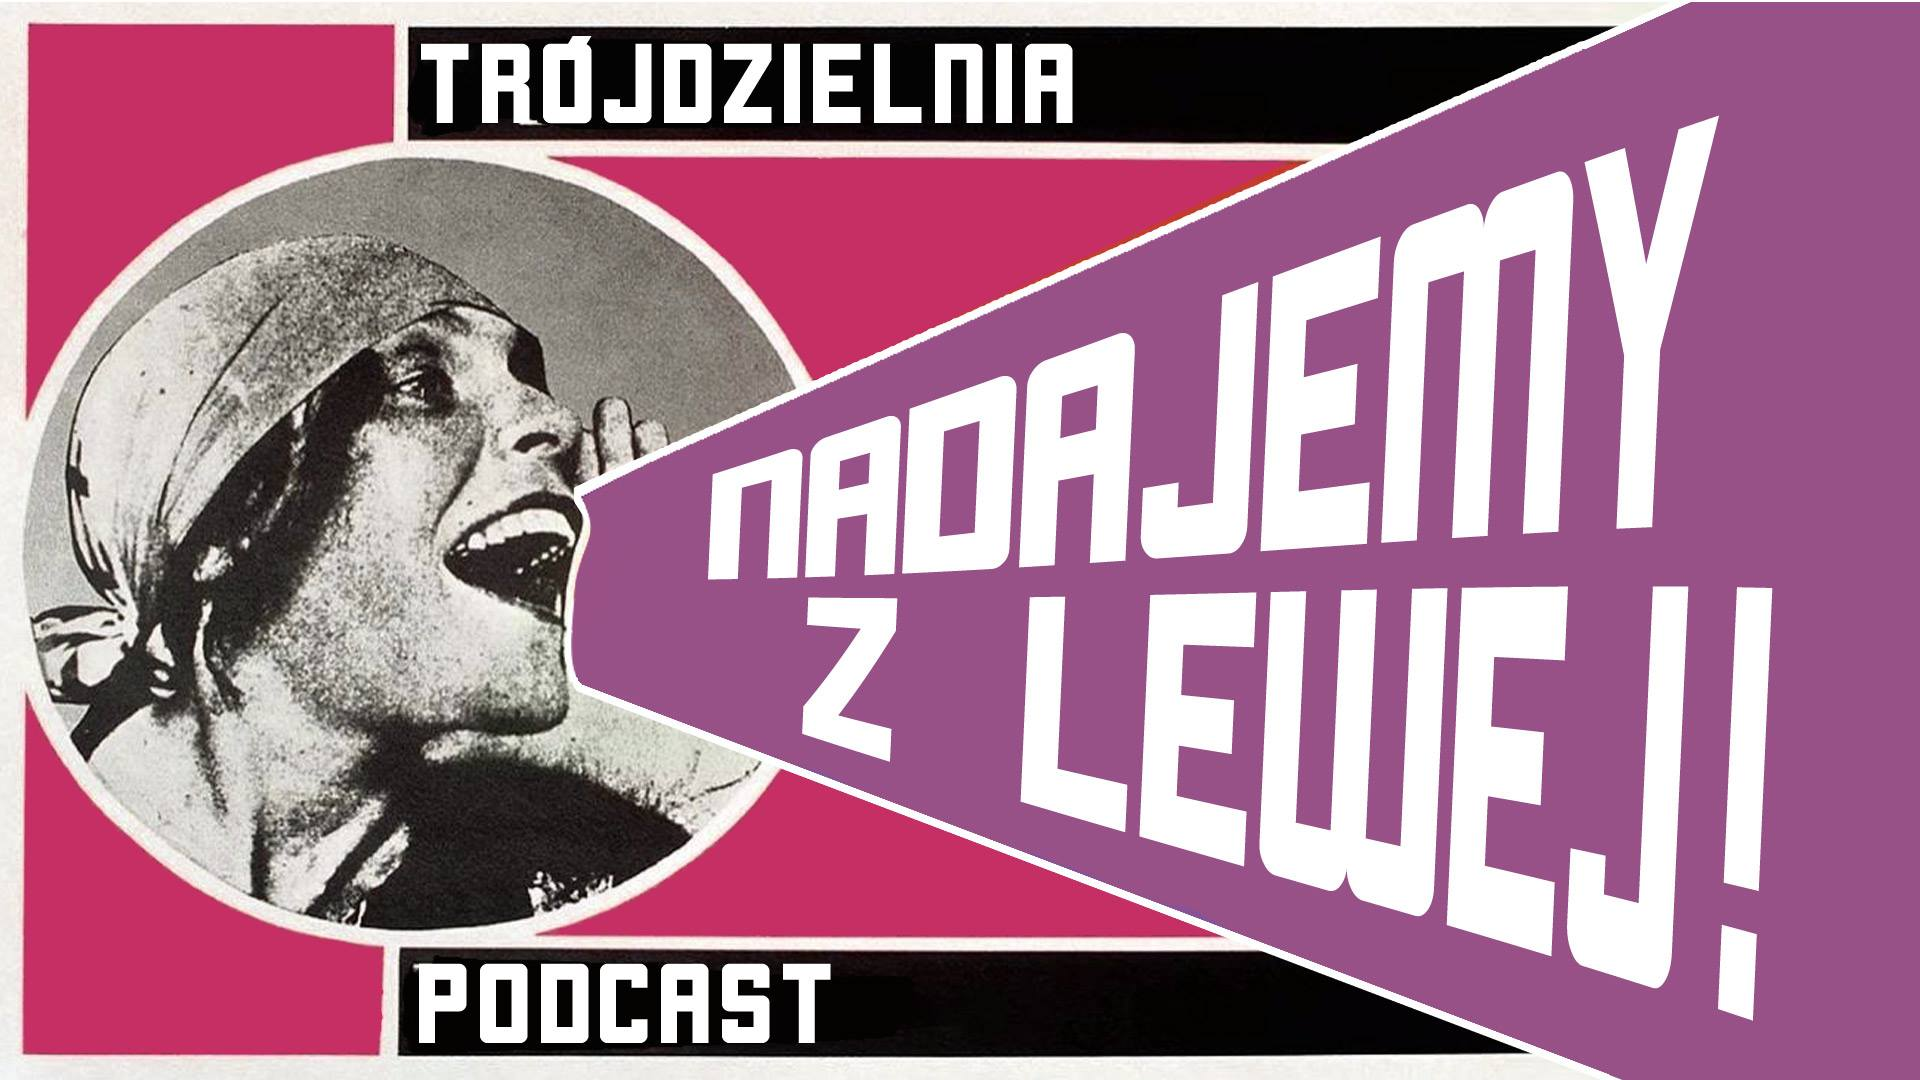 Trójdzielnia Podcast #1 – Koronawirus: polityka wPolsce inaświecie